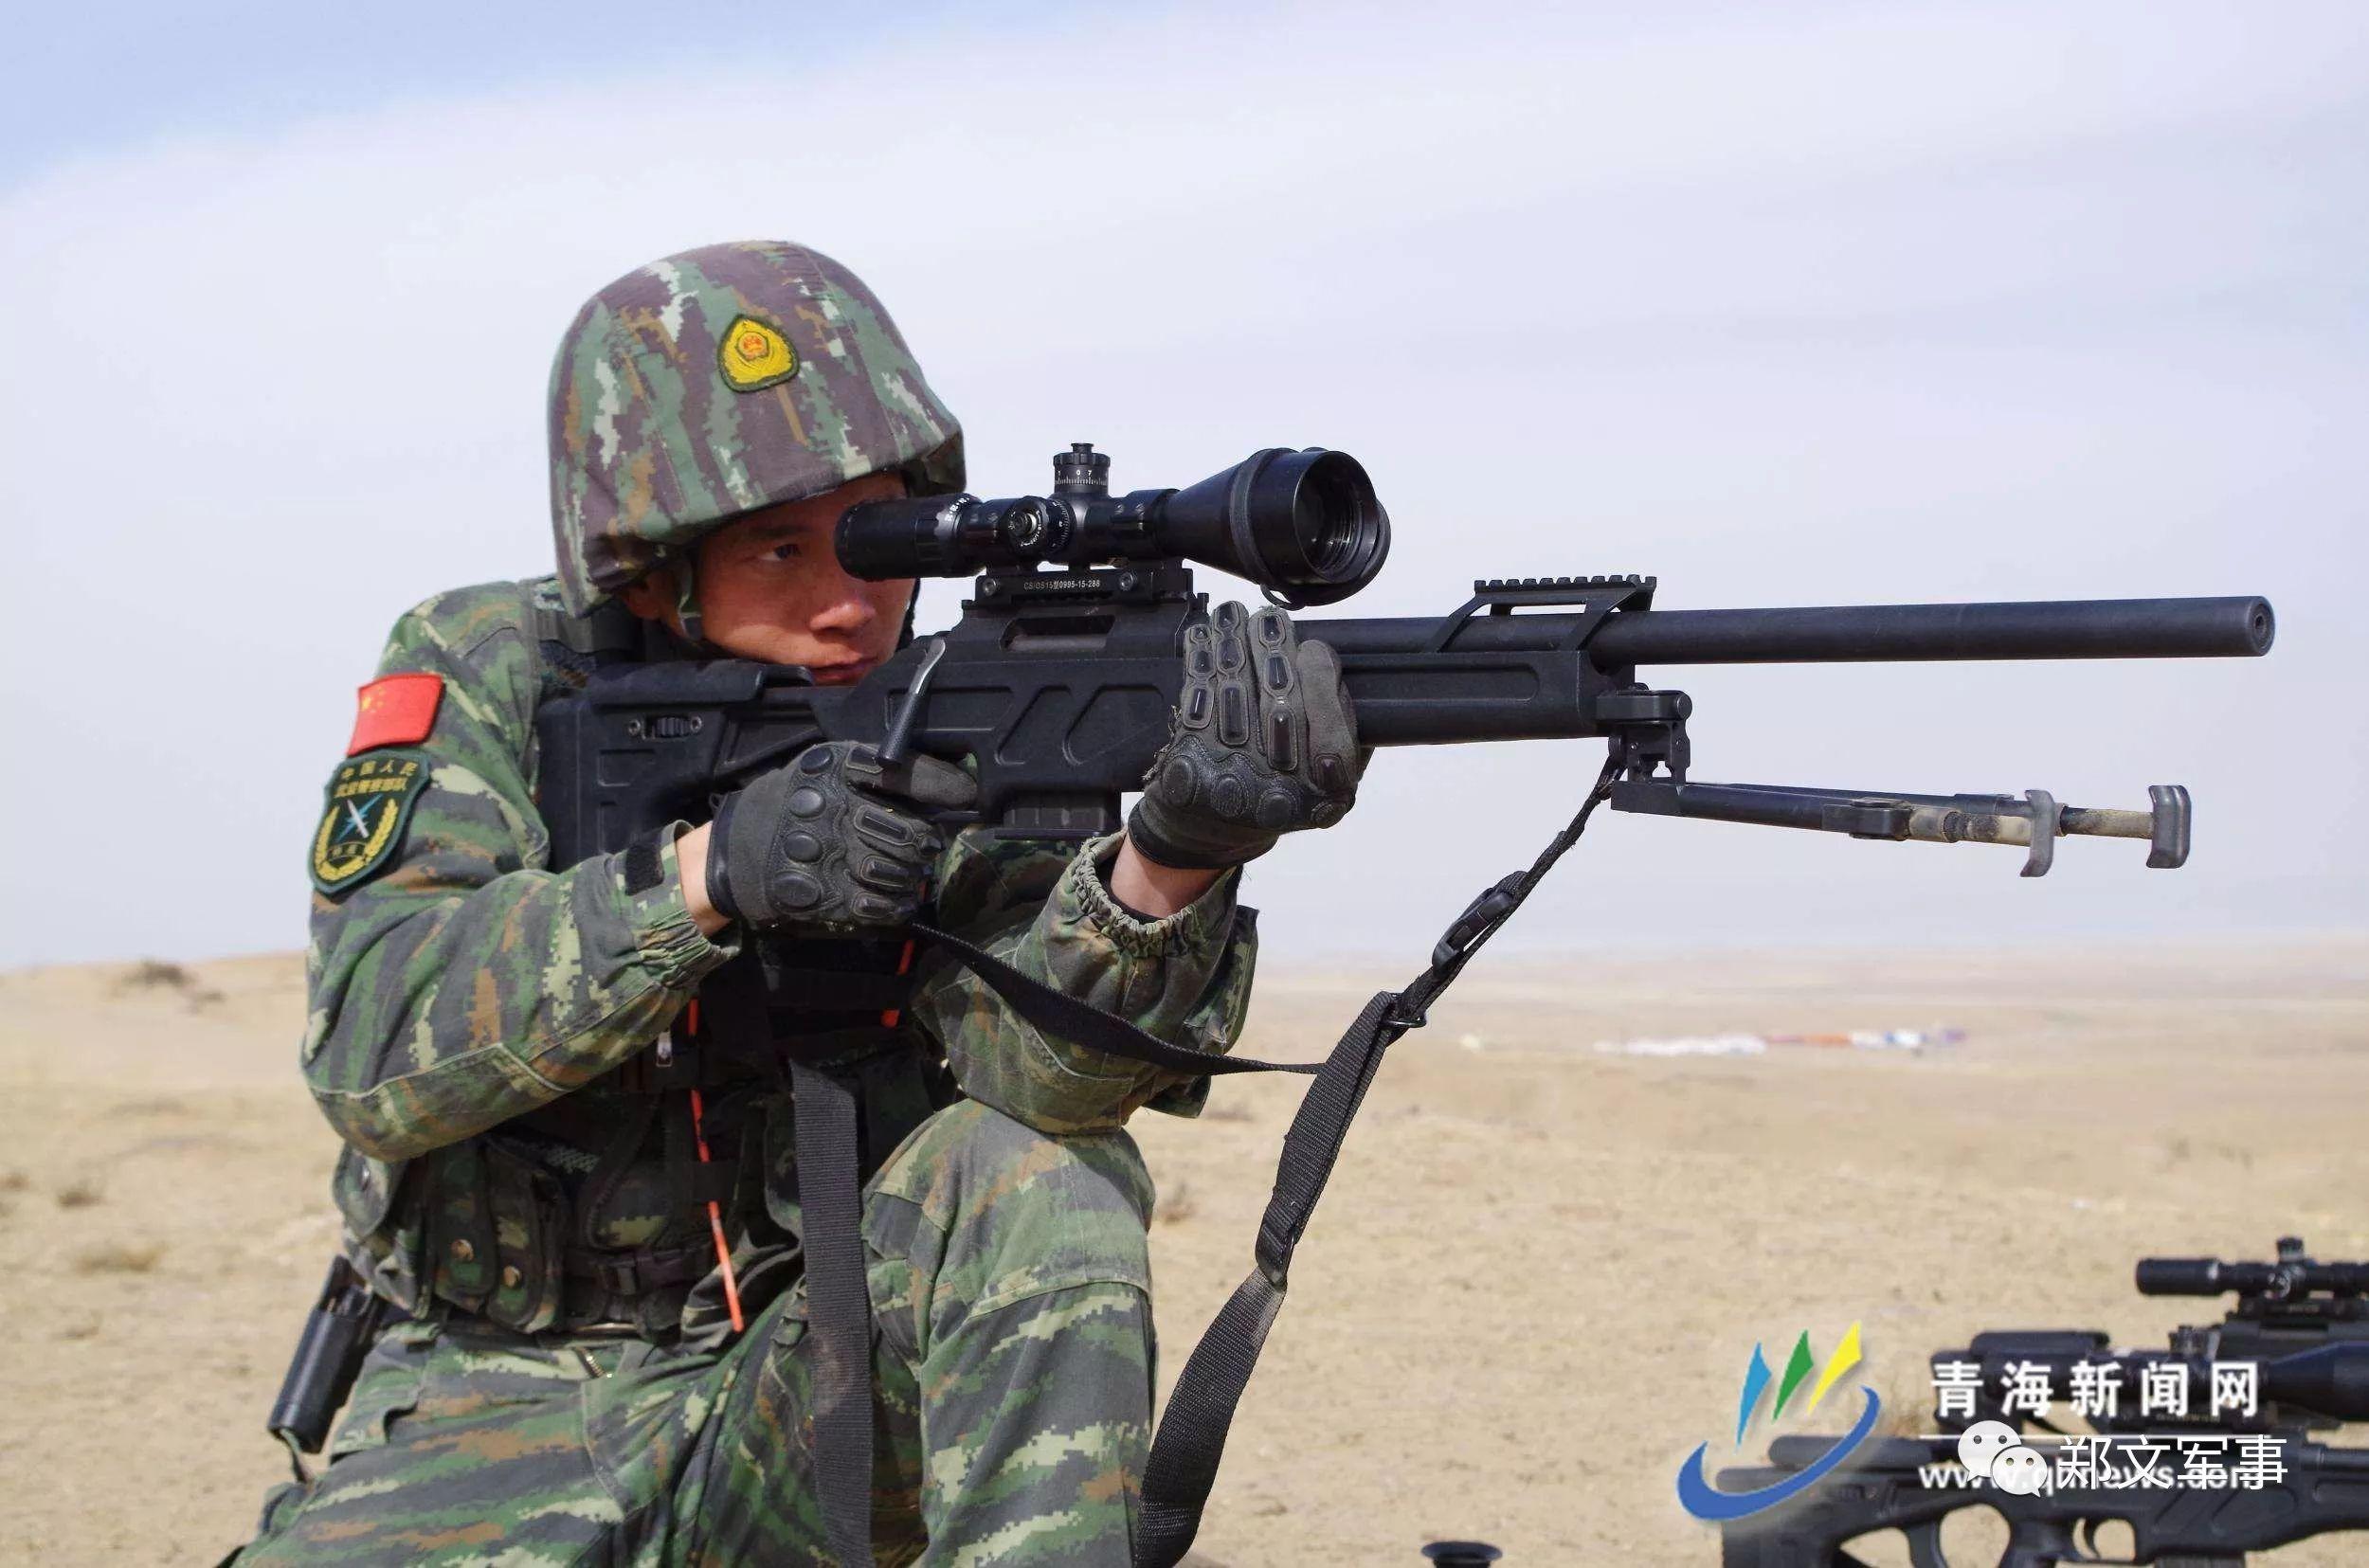 """千米外""""爆头""""2叛军头目:杜特尔特大赞中国狙击枪!"""